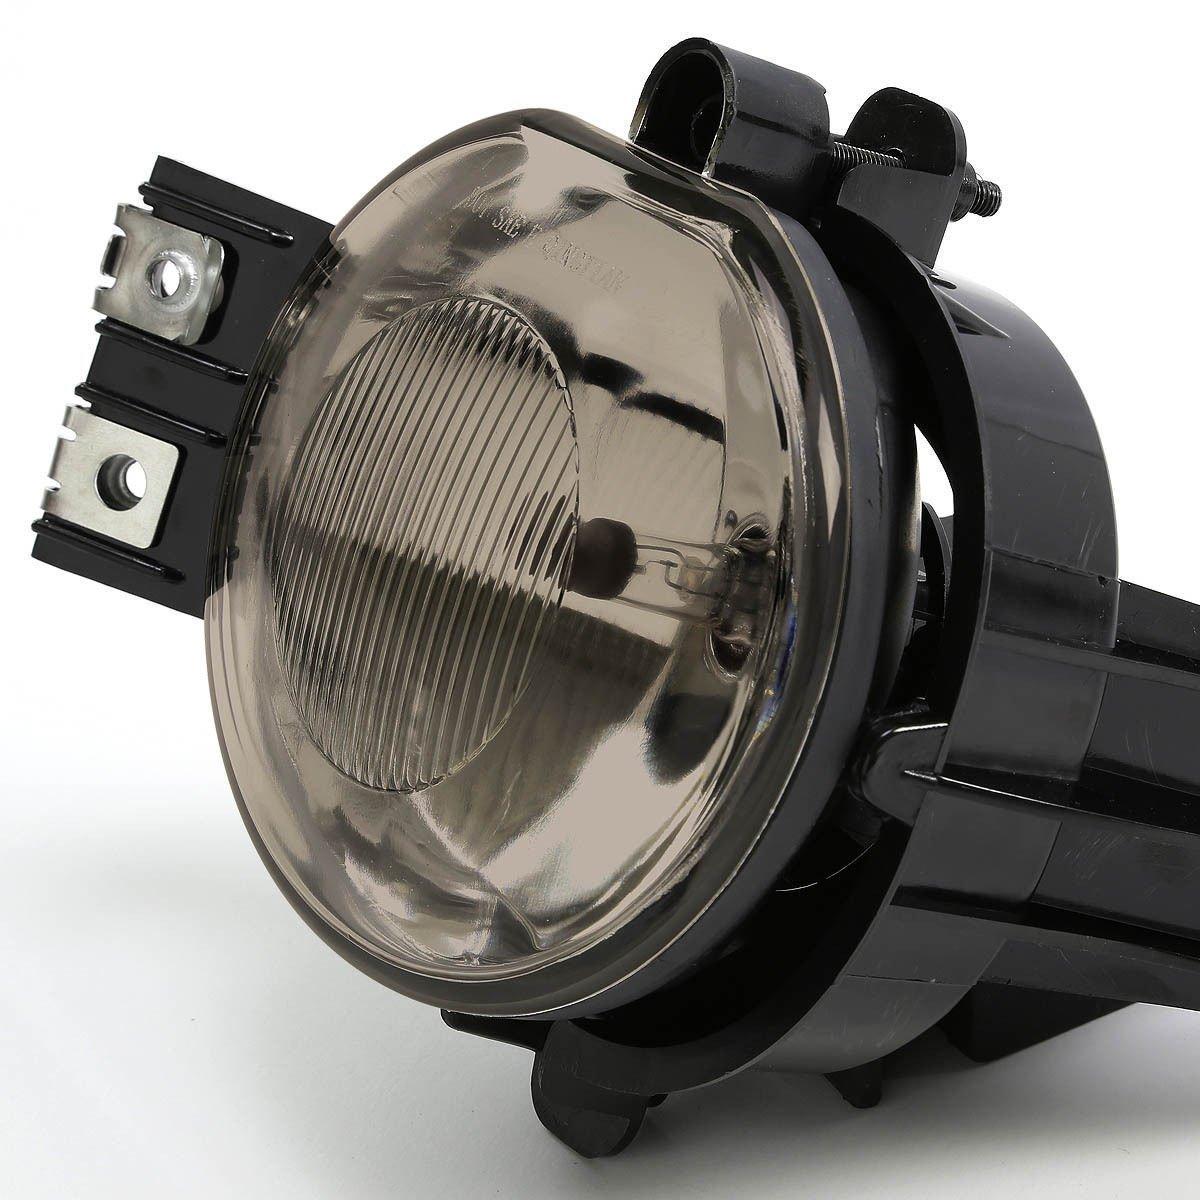 Remarkable Power 2002-2008 Dodge Ram (1500) 2002-2004 Durango 2003-2009 Ram (2500/3500) Pair Fog Lights Bumper Lamp FL7112